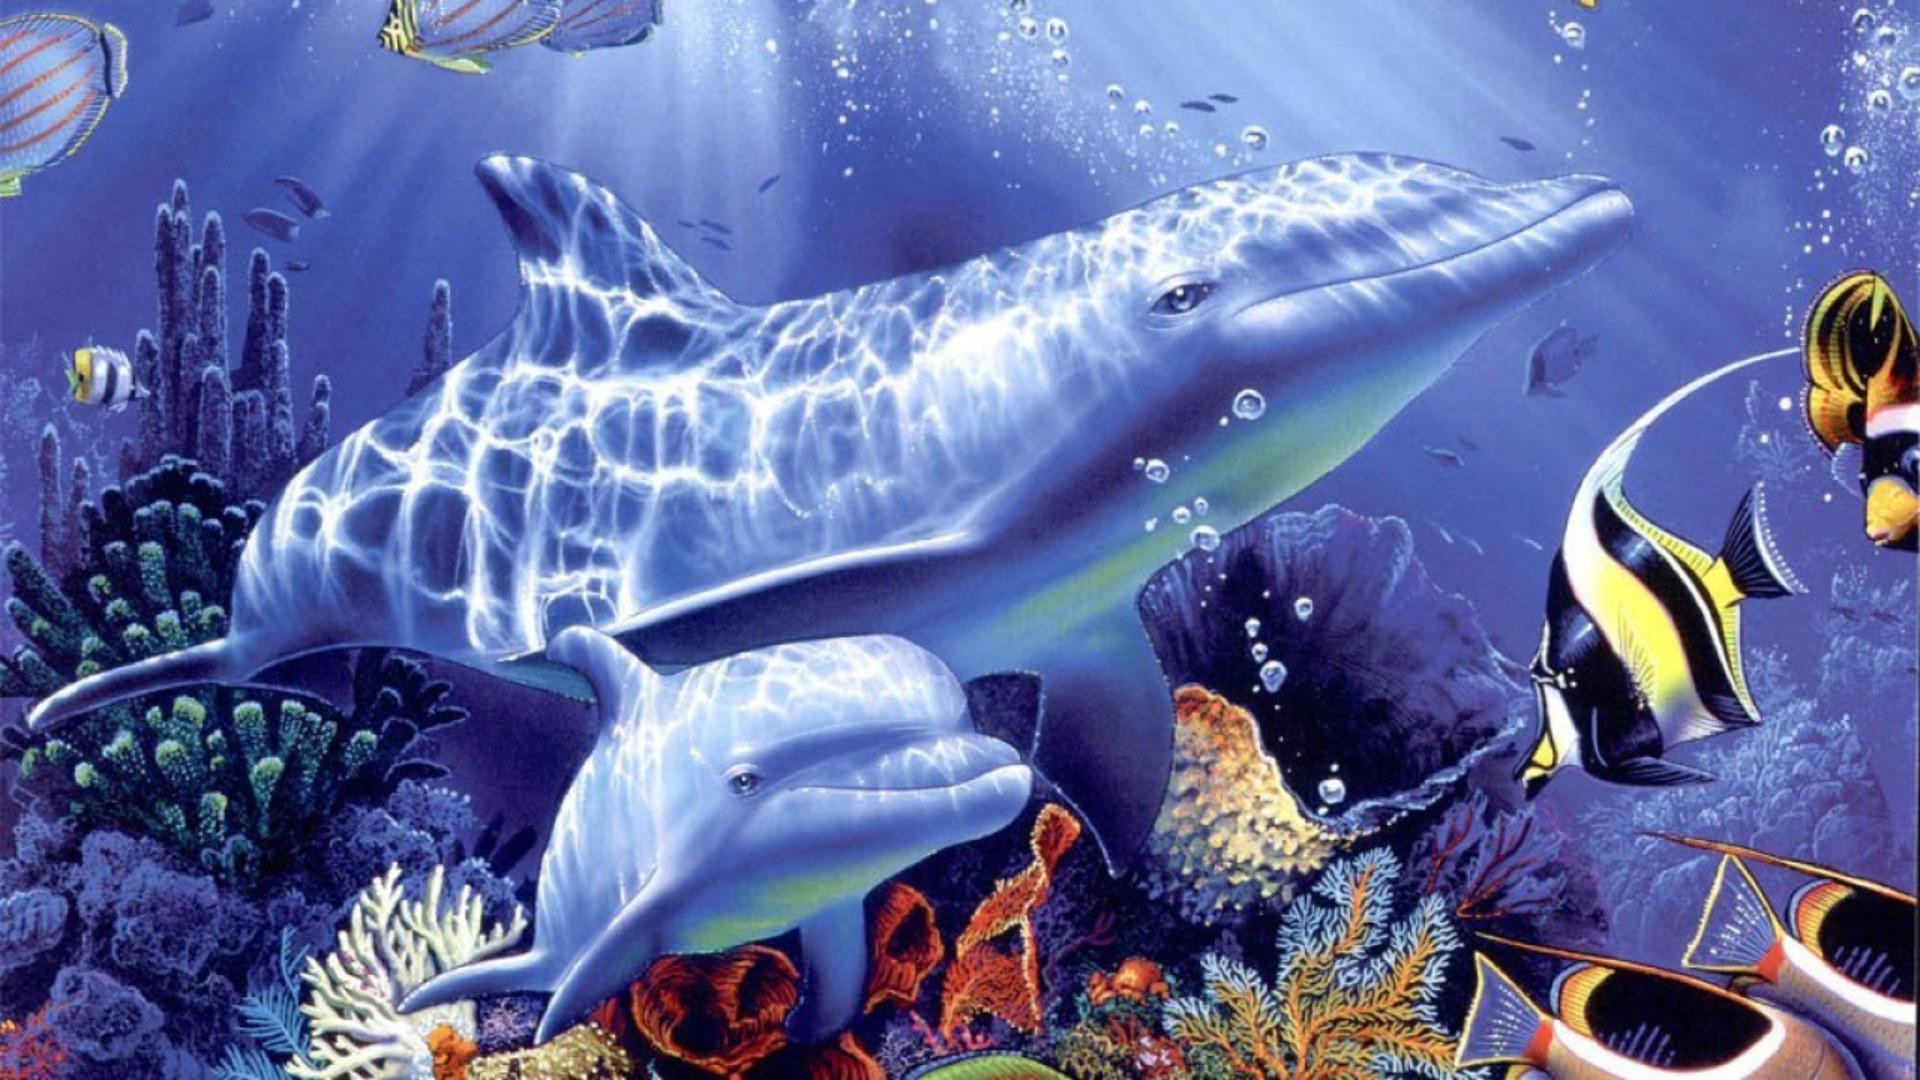 Картинки с морскими животными для детей, 2013 картинки надписью